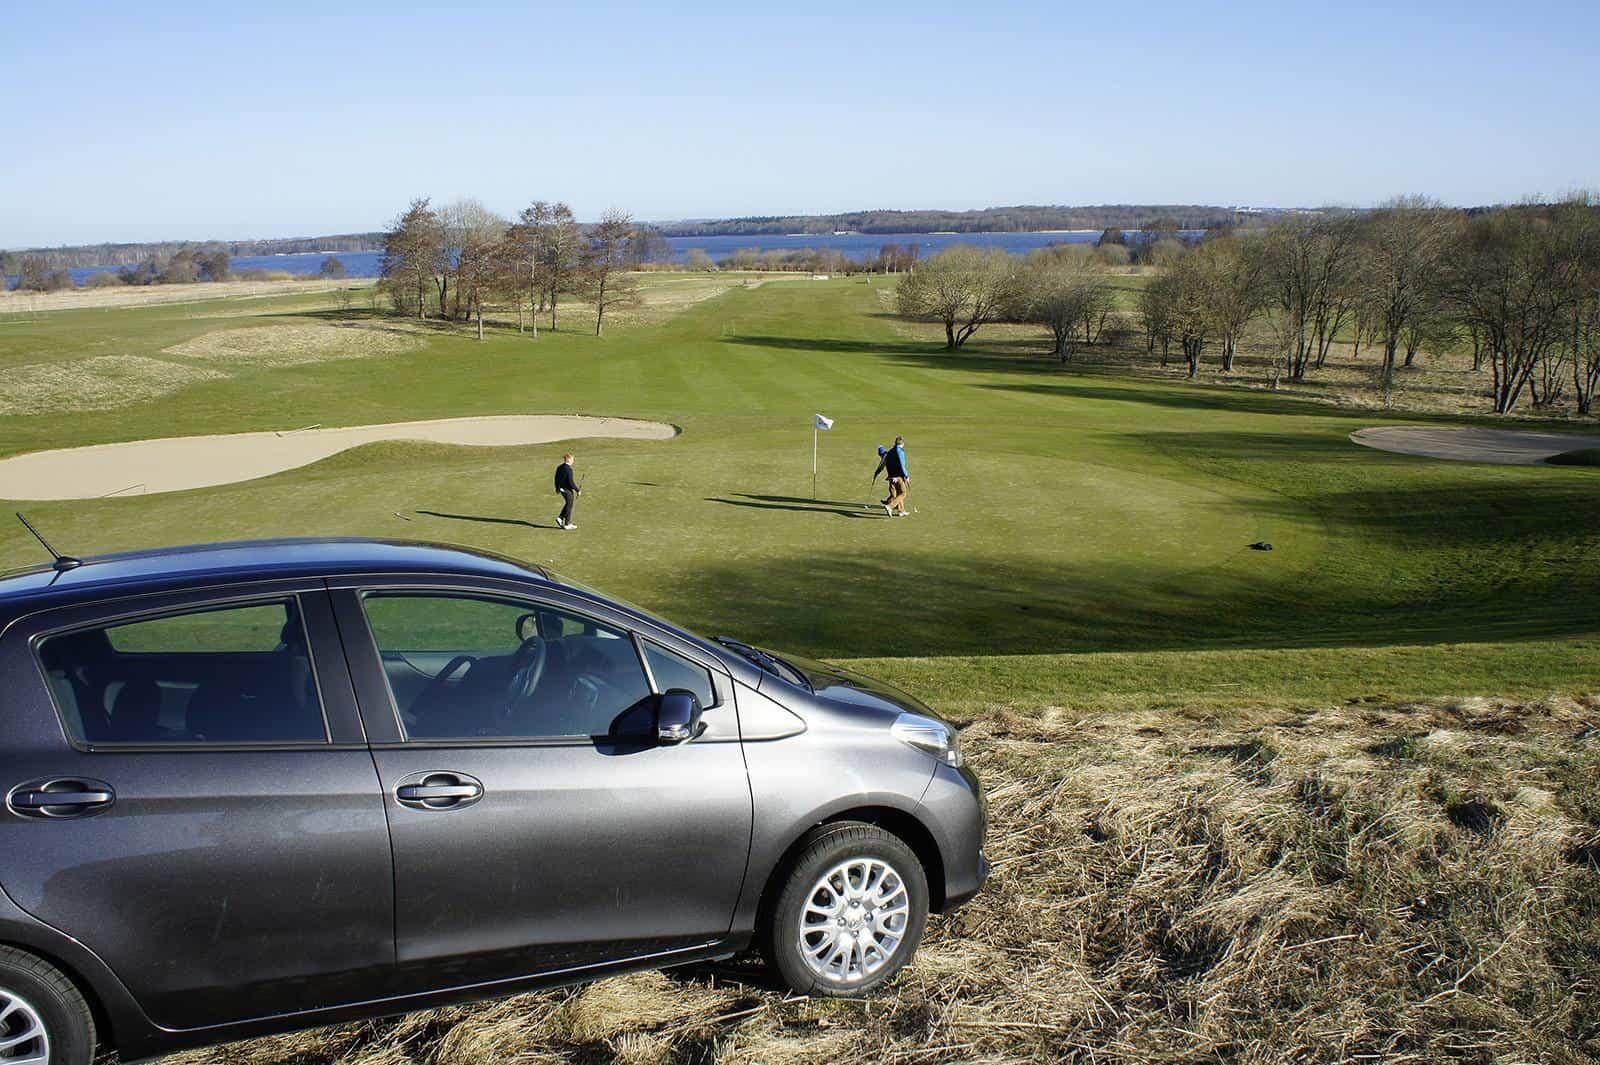 DANMARKS BEDSTE JUNIORER OG YNGLINGE DYSTER OM BIL | Golf Avisen (2018)